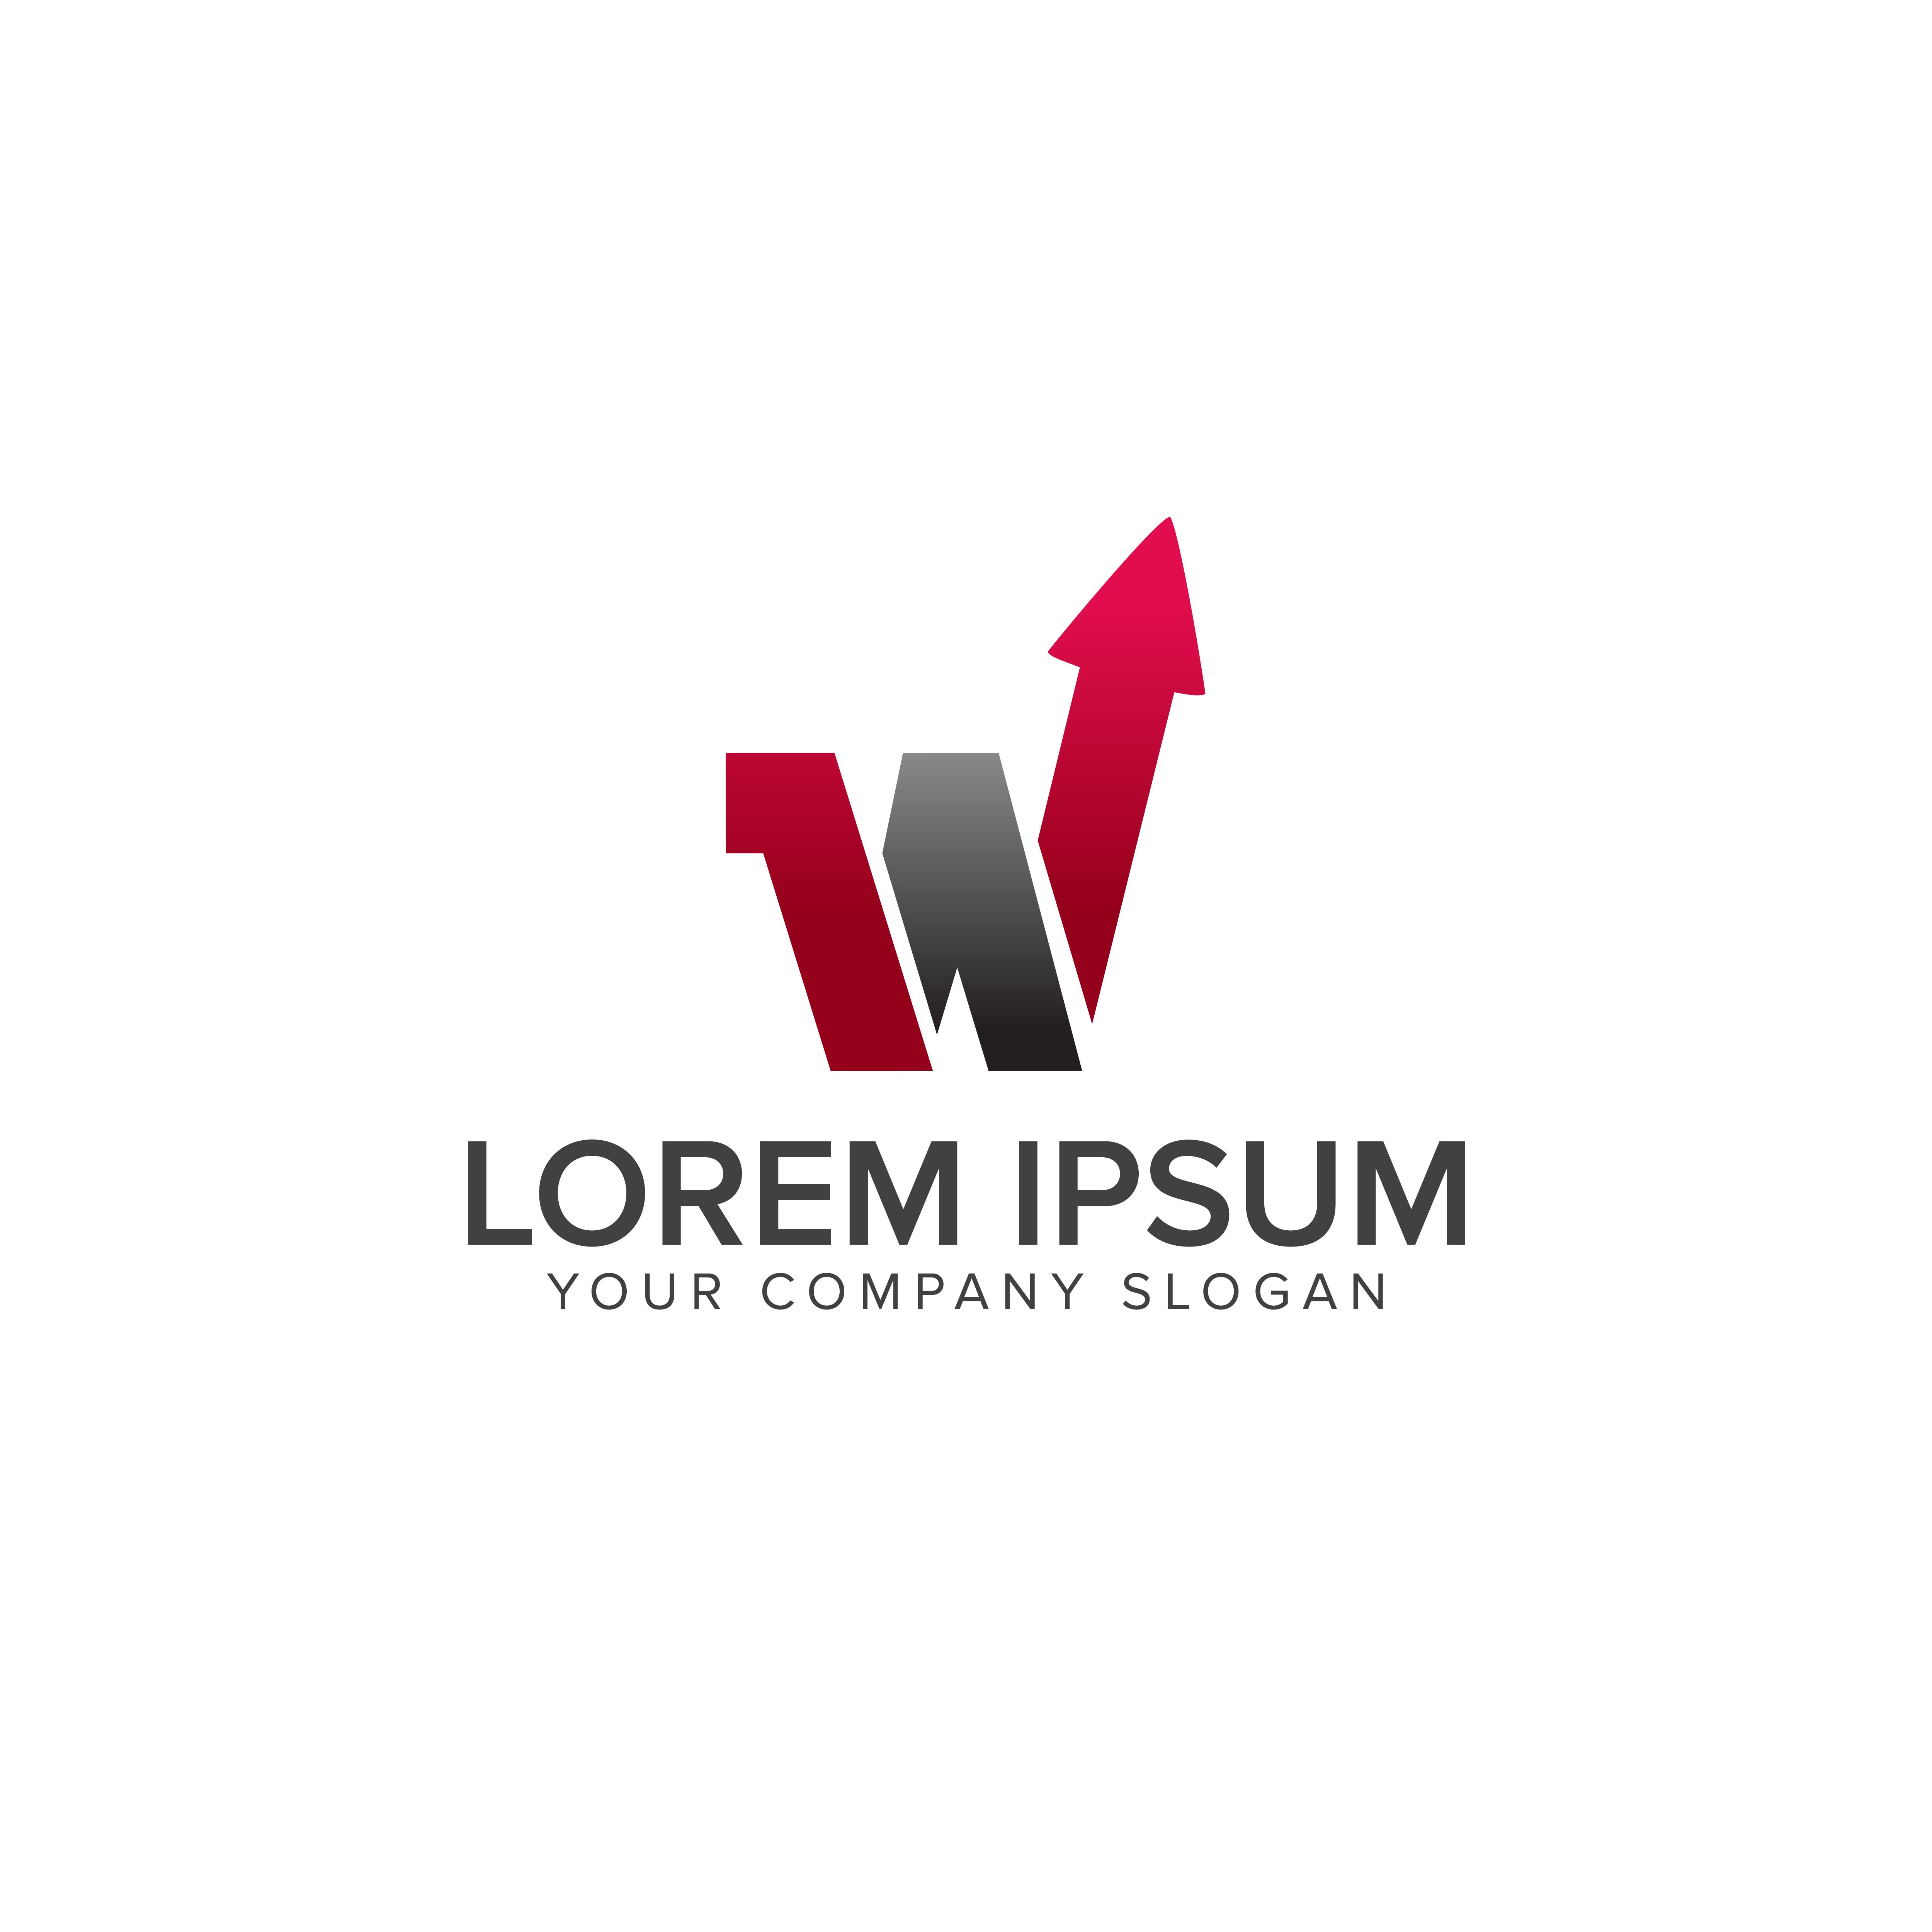 letter w arrow logo design concept template - Download ...